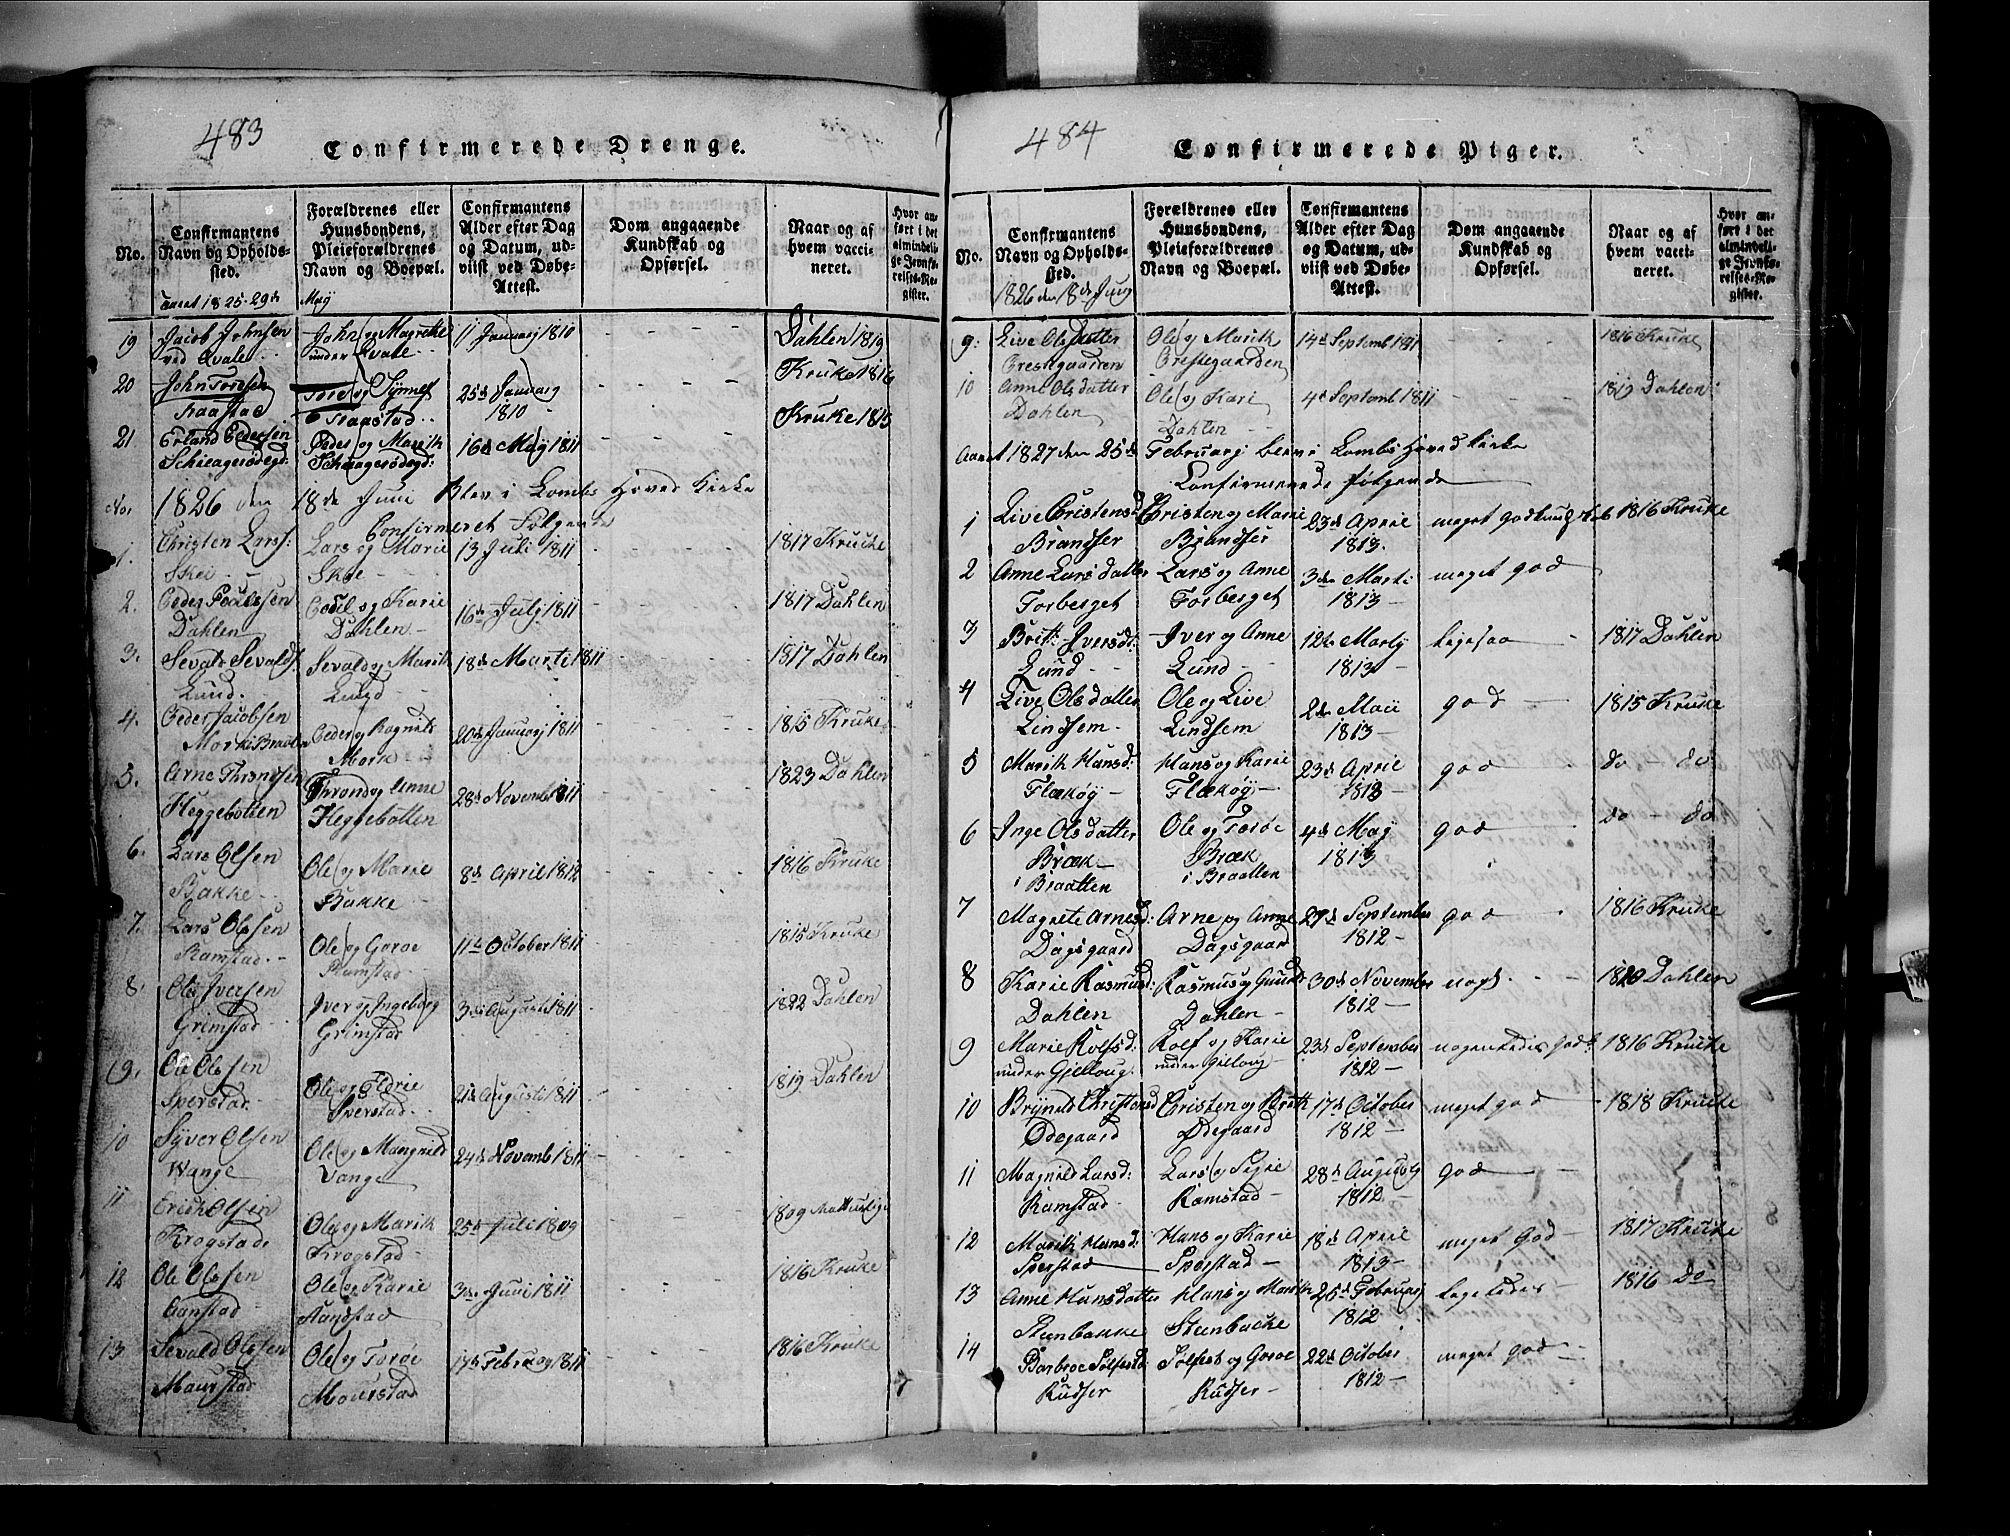 SAH, Lom prestekontor, L/L0003: Klokkerbok nr. 3, 1815-1844, s. 483-484